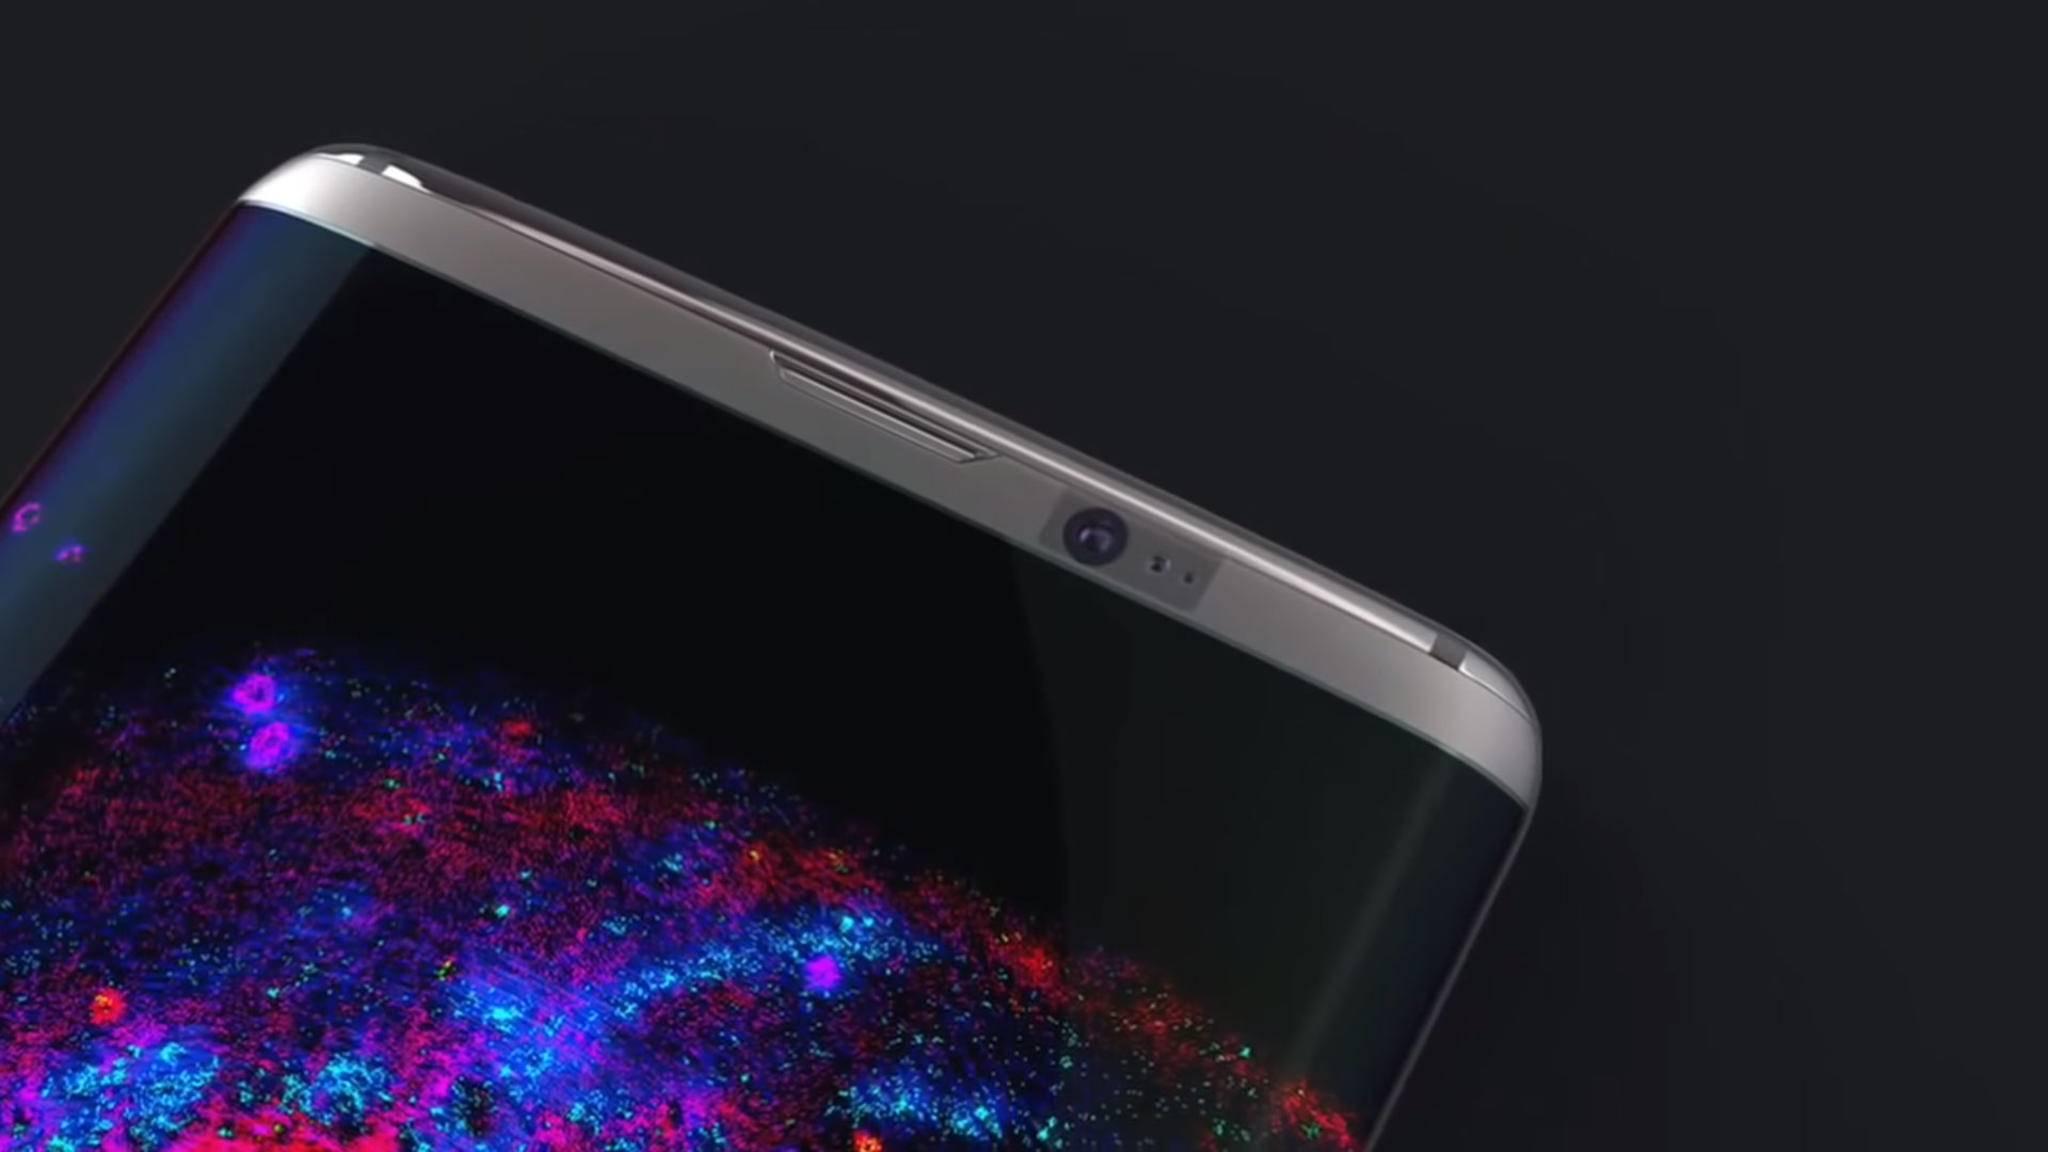 Die Frontkamera des Galaxy S8 könnte einen smarten Autofokus bekommen.